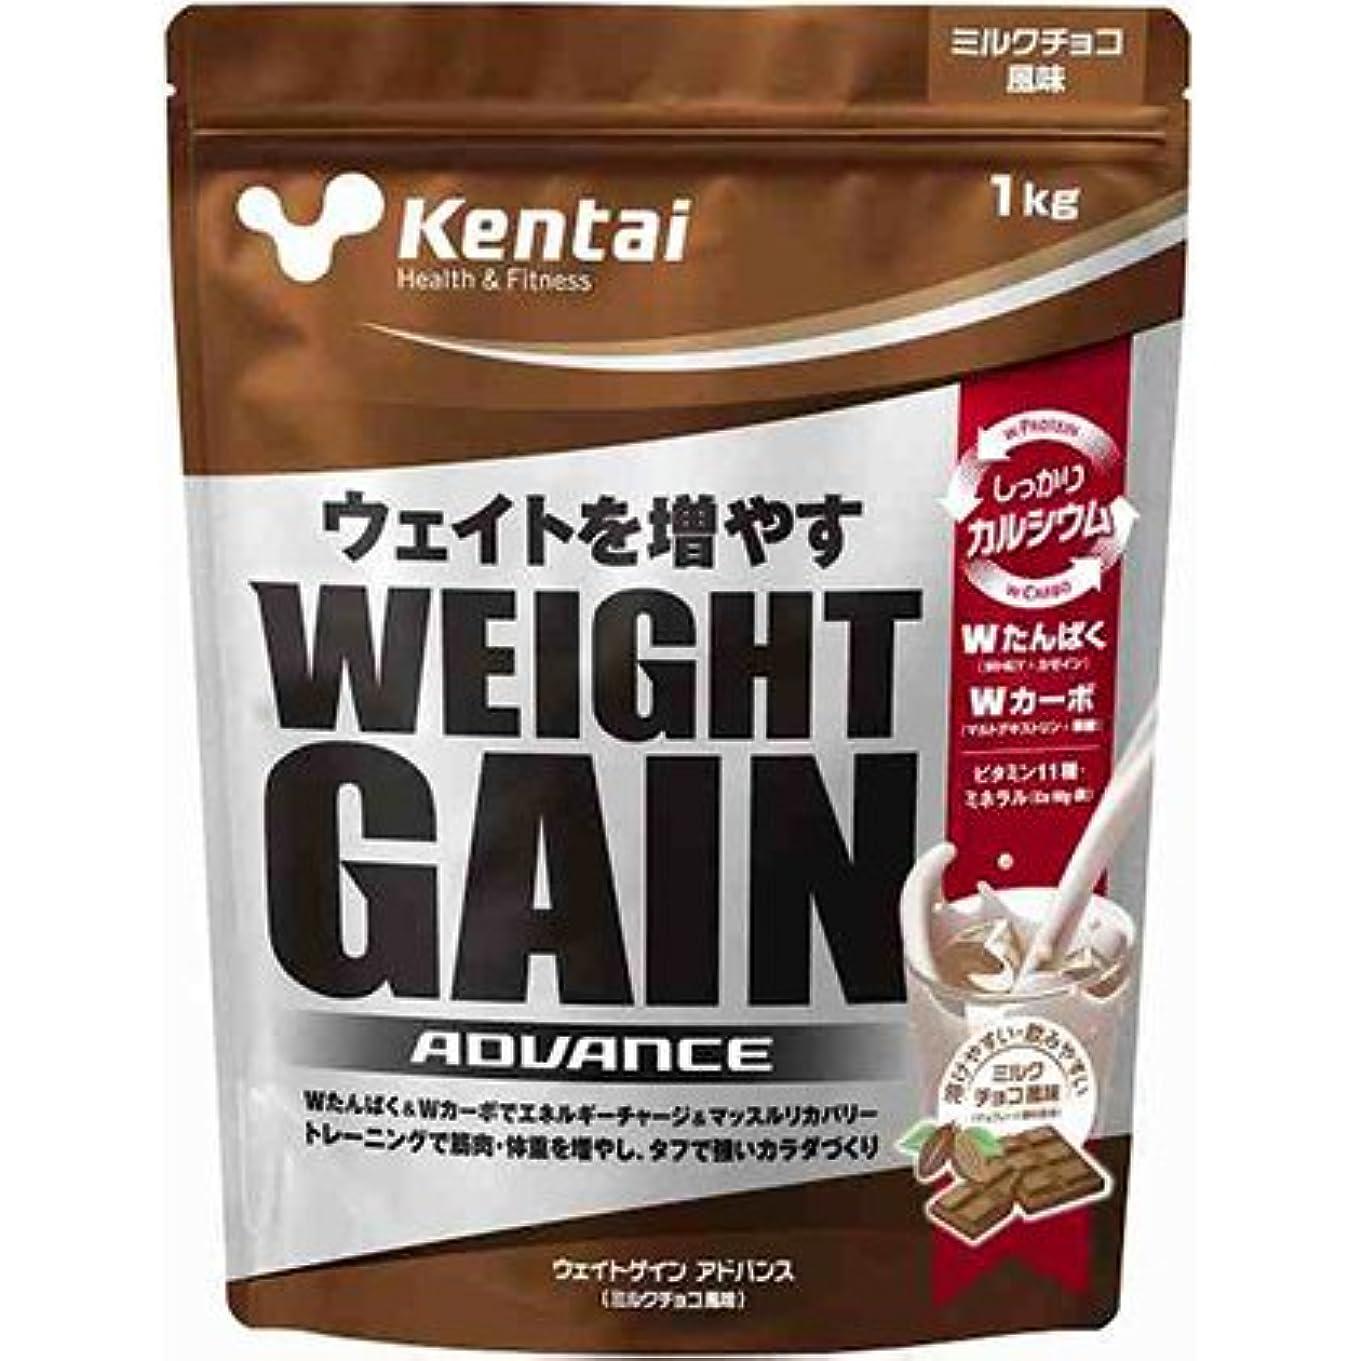 アクションインセンティブビン【健康体力研究所 (Kentai)】 ウエイトゲインアドバンス(ミルクチョコ風味) 1kg